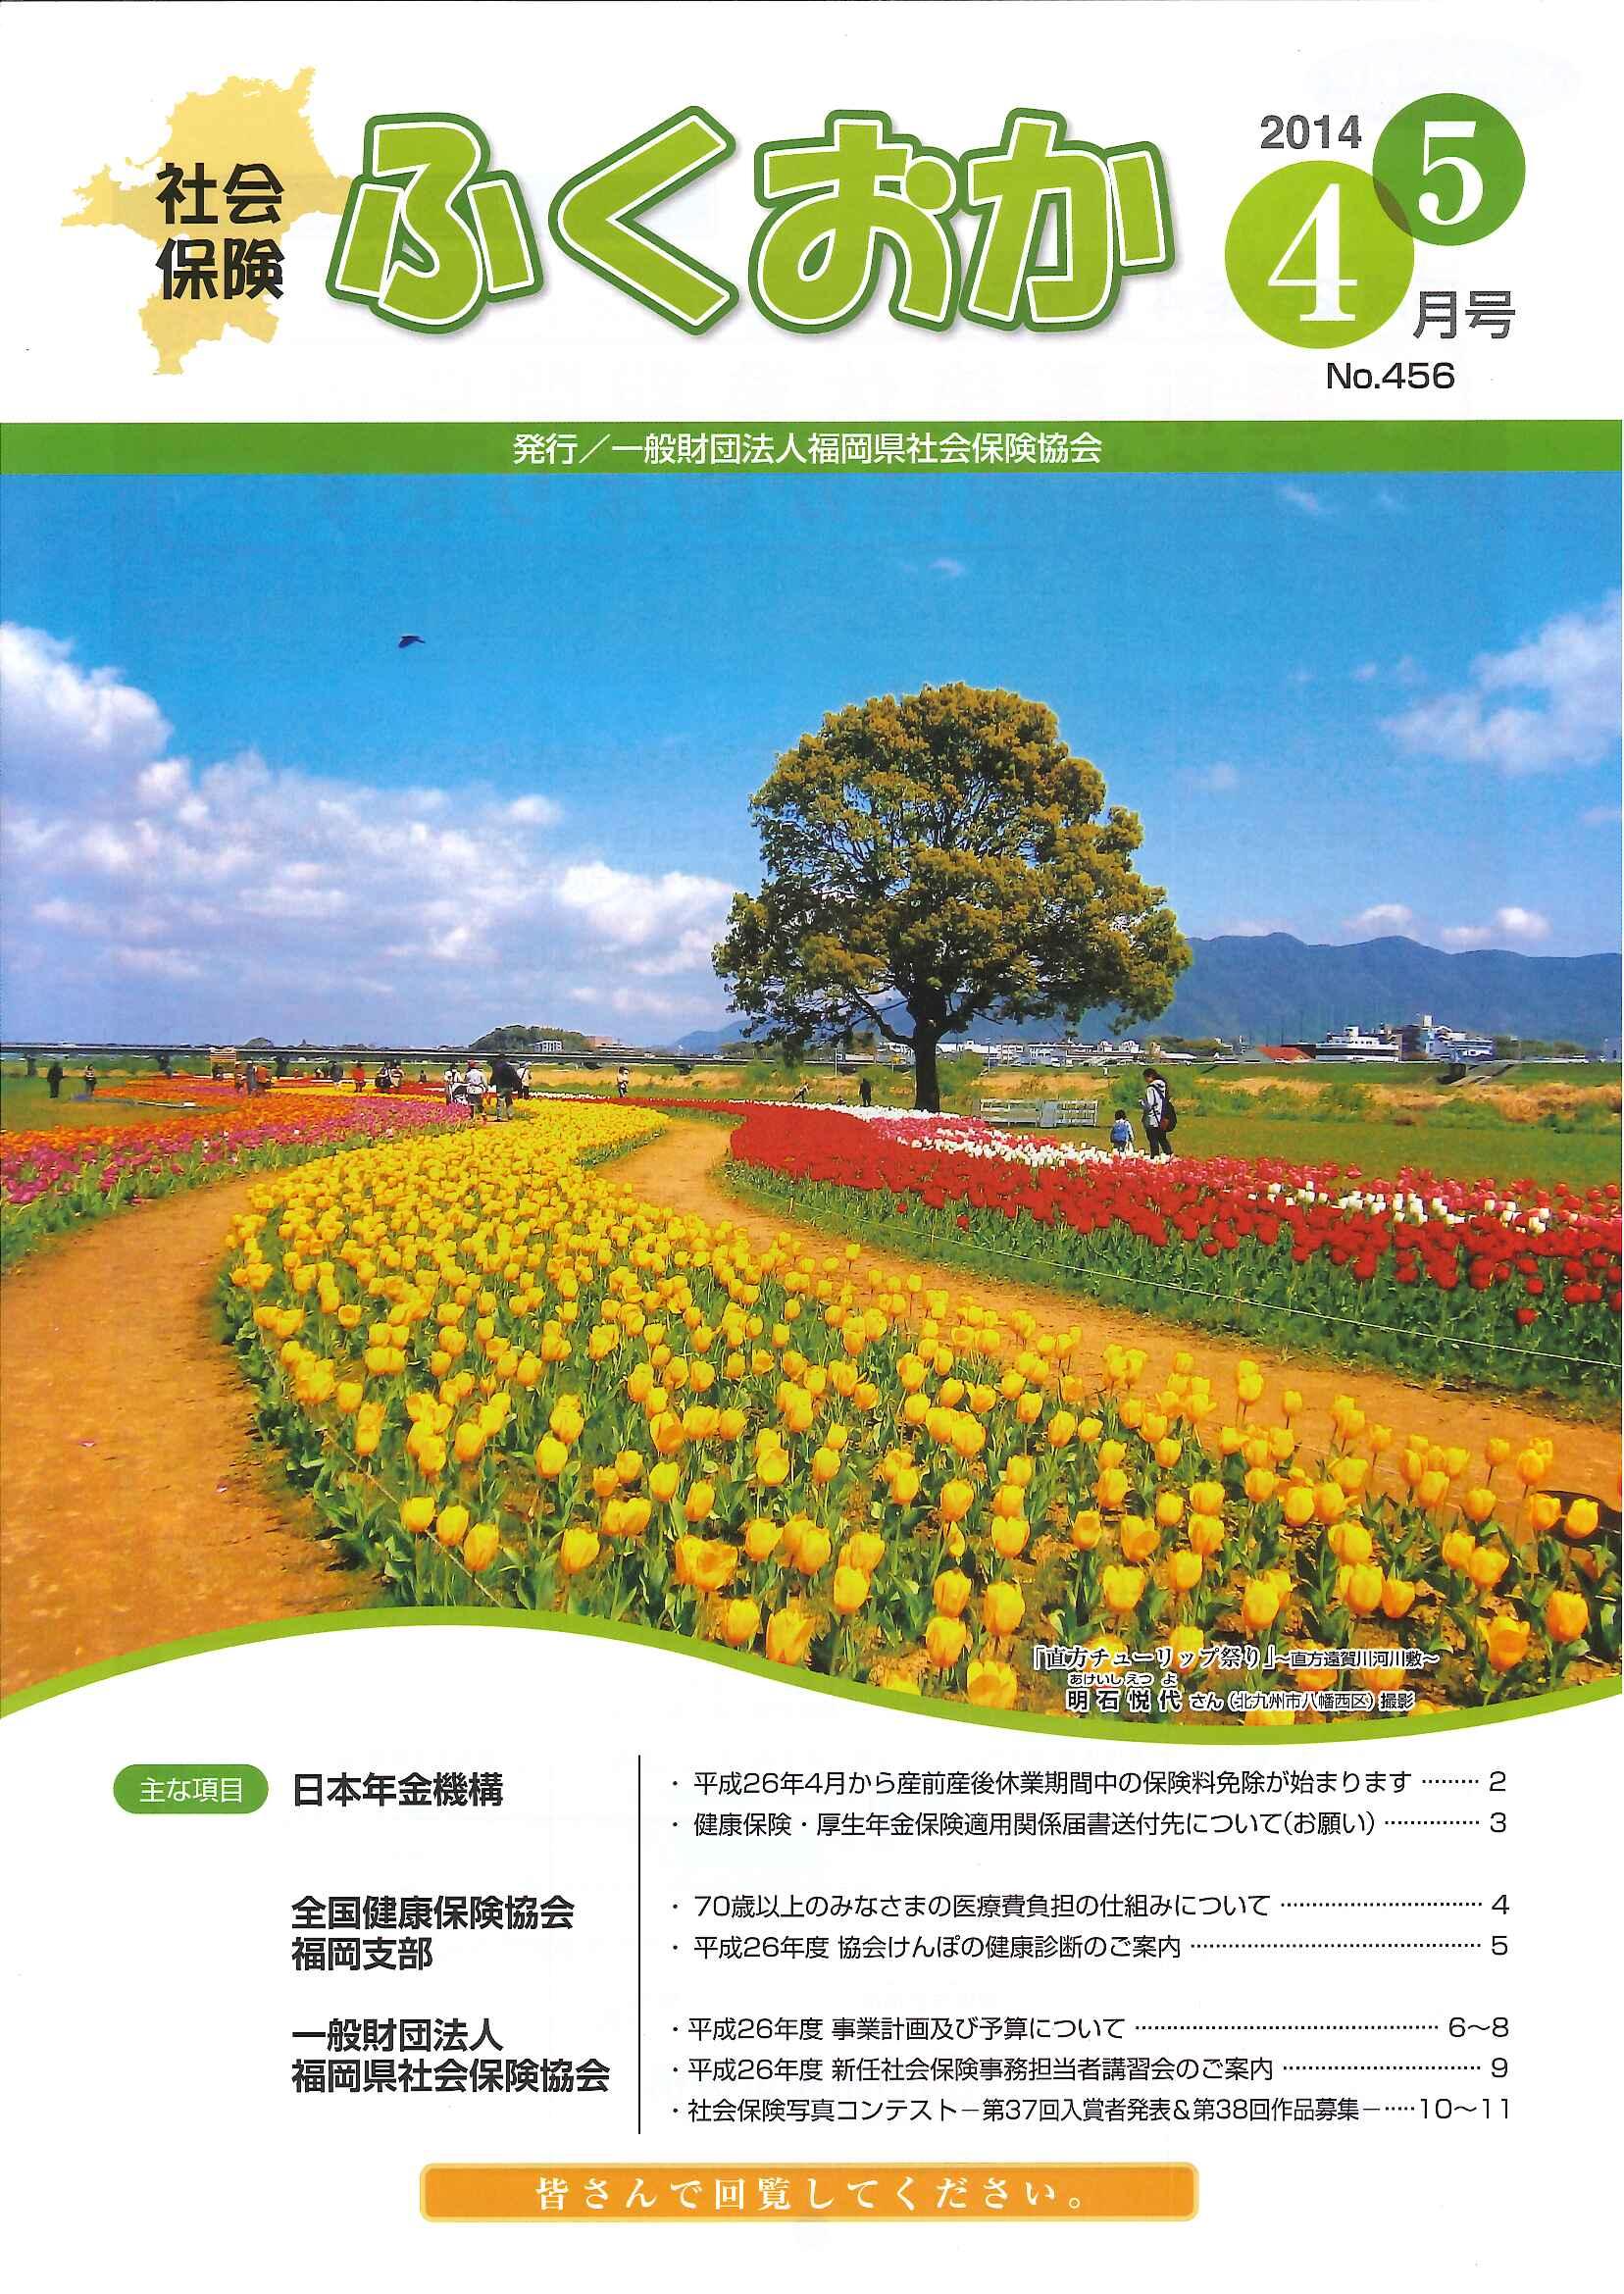 社会保険 ふくおか 2014年4・5月号_f0120774_14565014.jpg